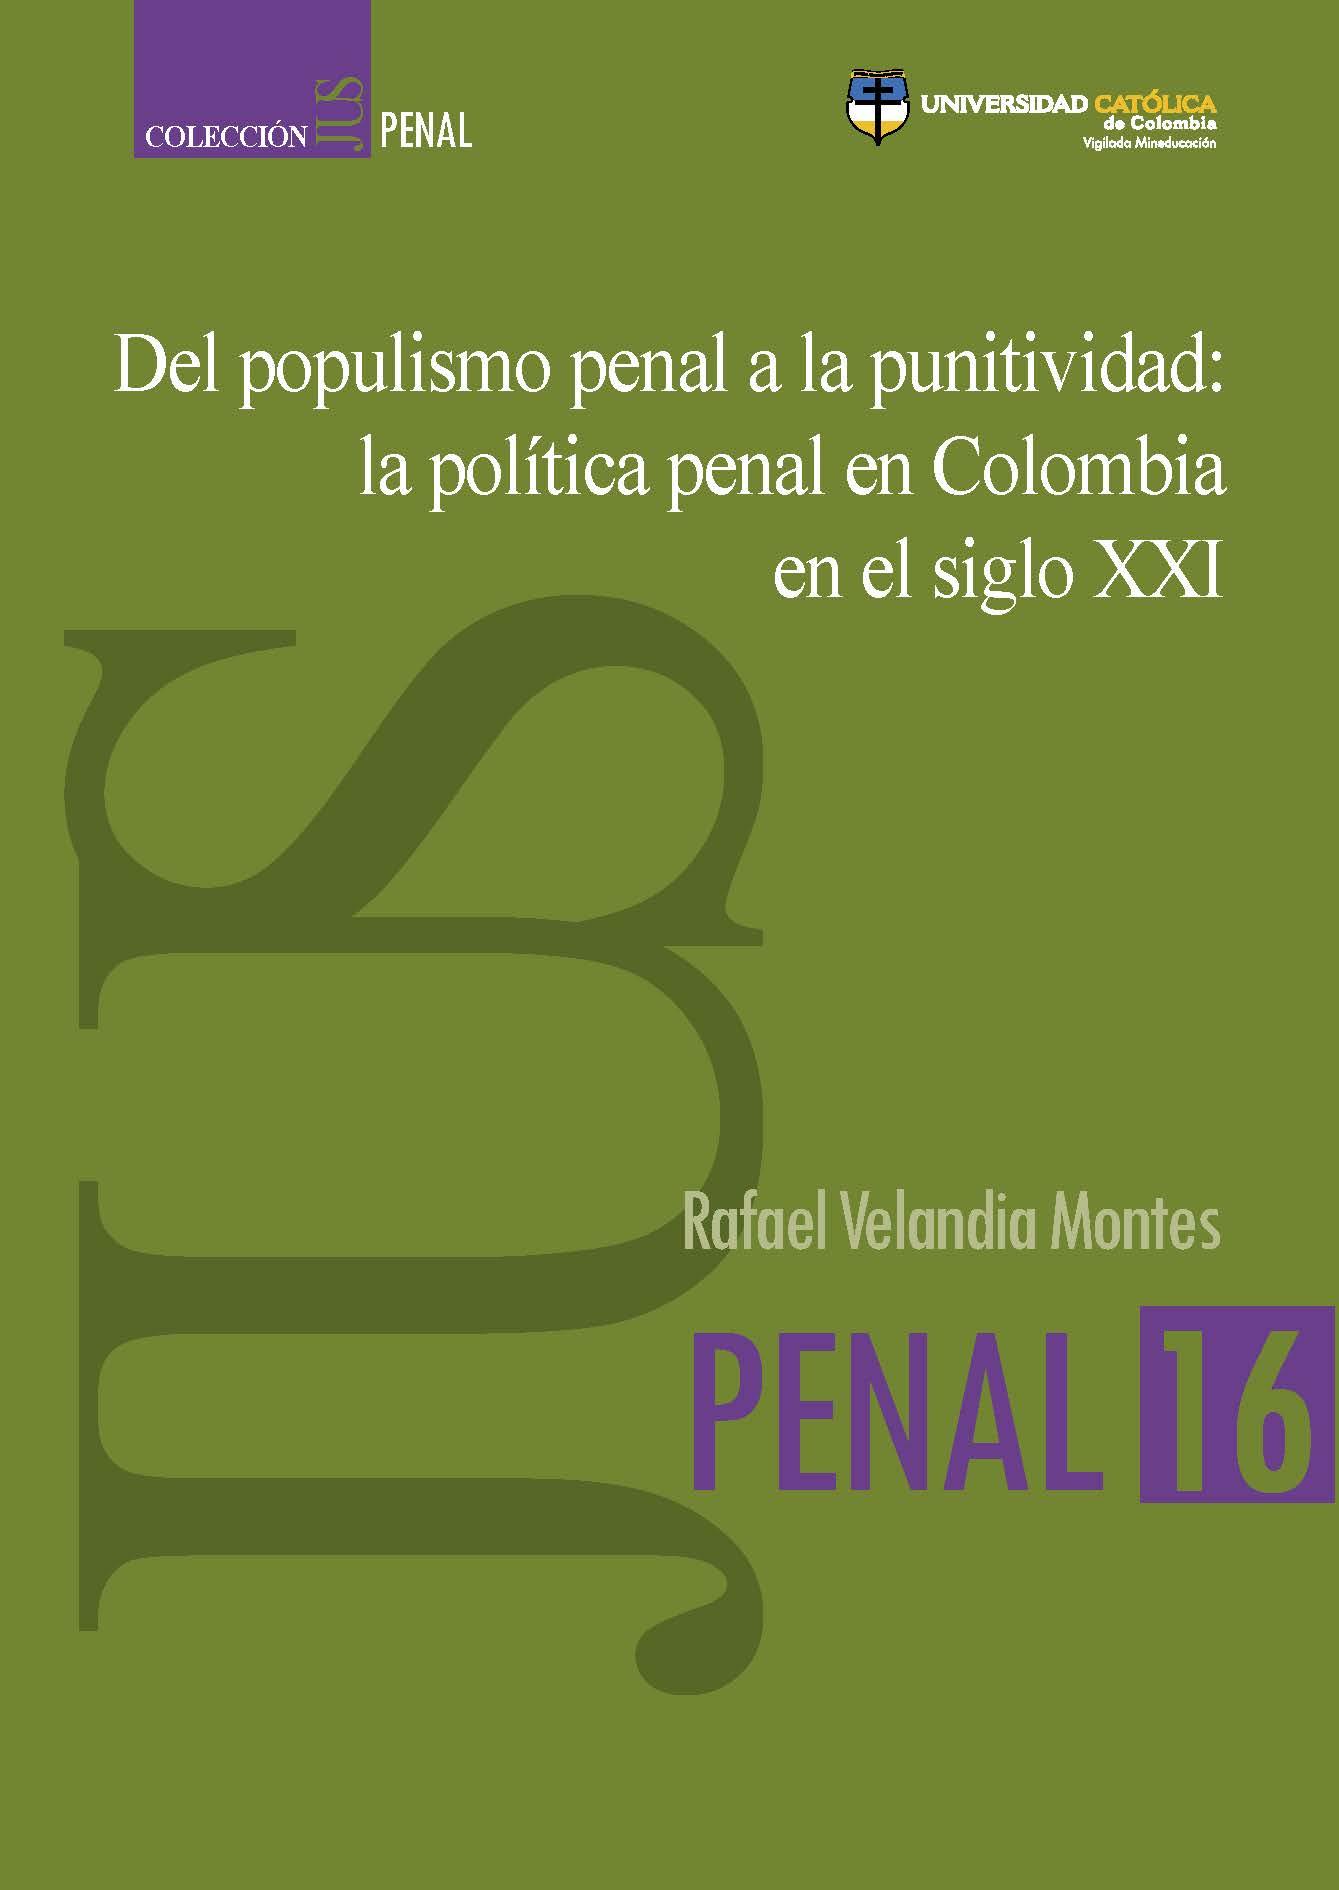 Del populismo penal a la punitividad: la política penal en Colombia en el siglo XXI